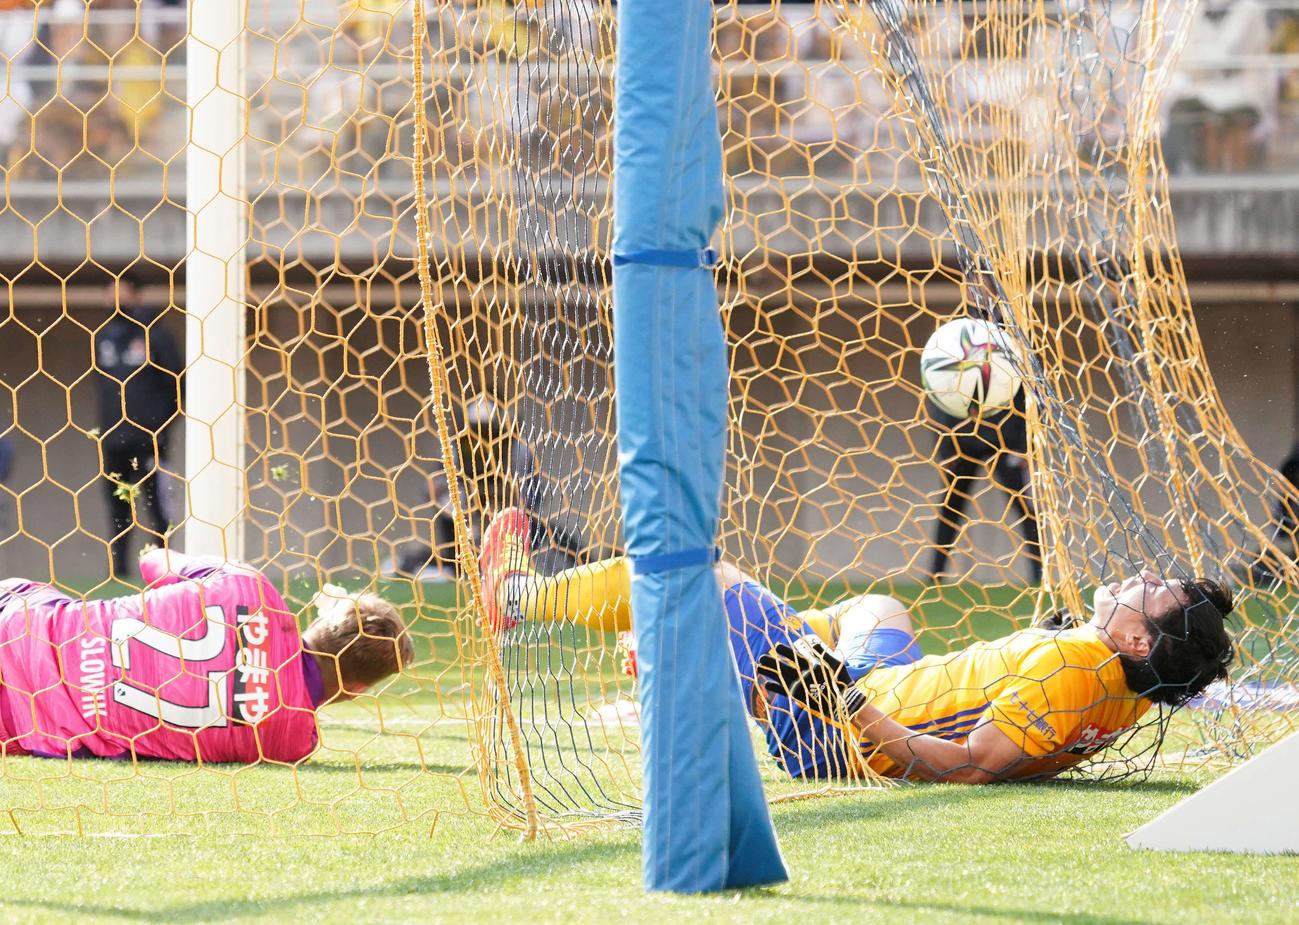 仙台対川崎F 前半、川崎F・FW小林のゴールでチーム4点目を許す。右は仙台DF蜂須賀、左はGKスウォビック(撮影・江口和貴)